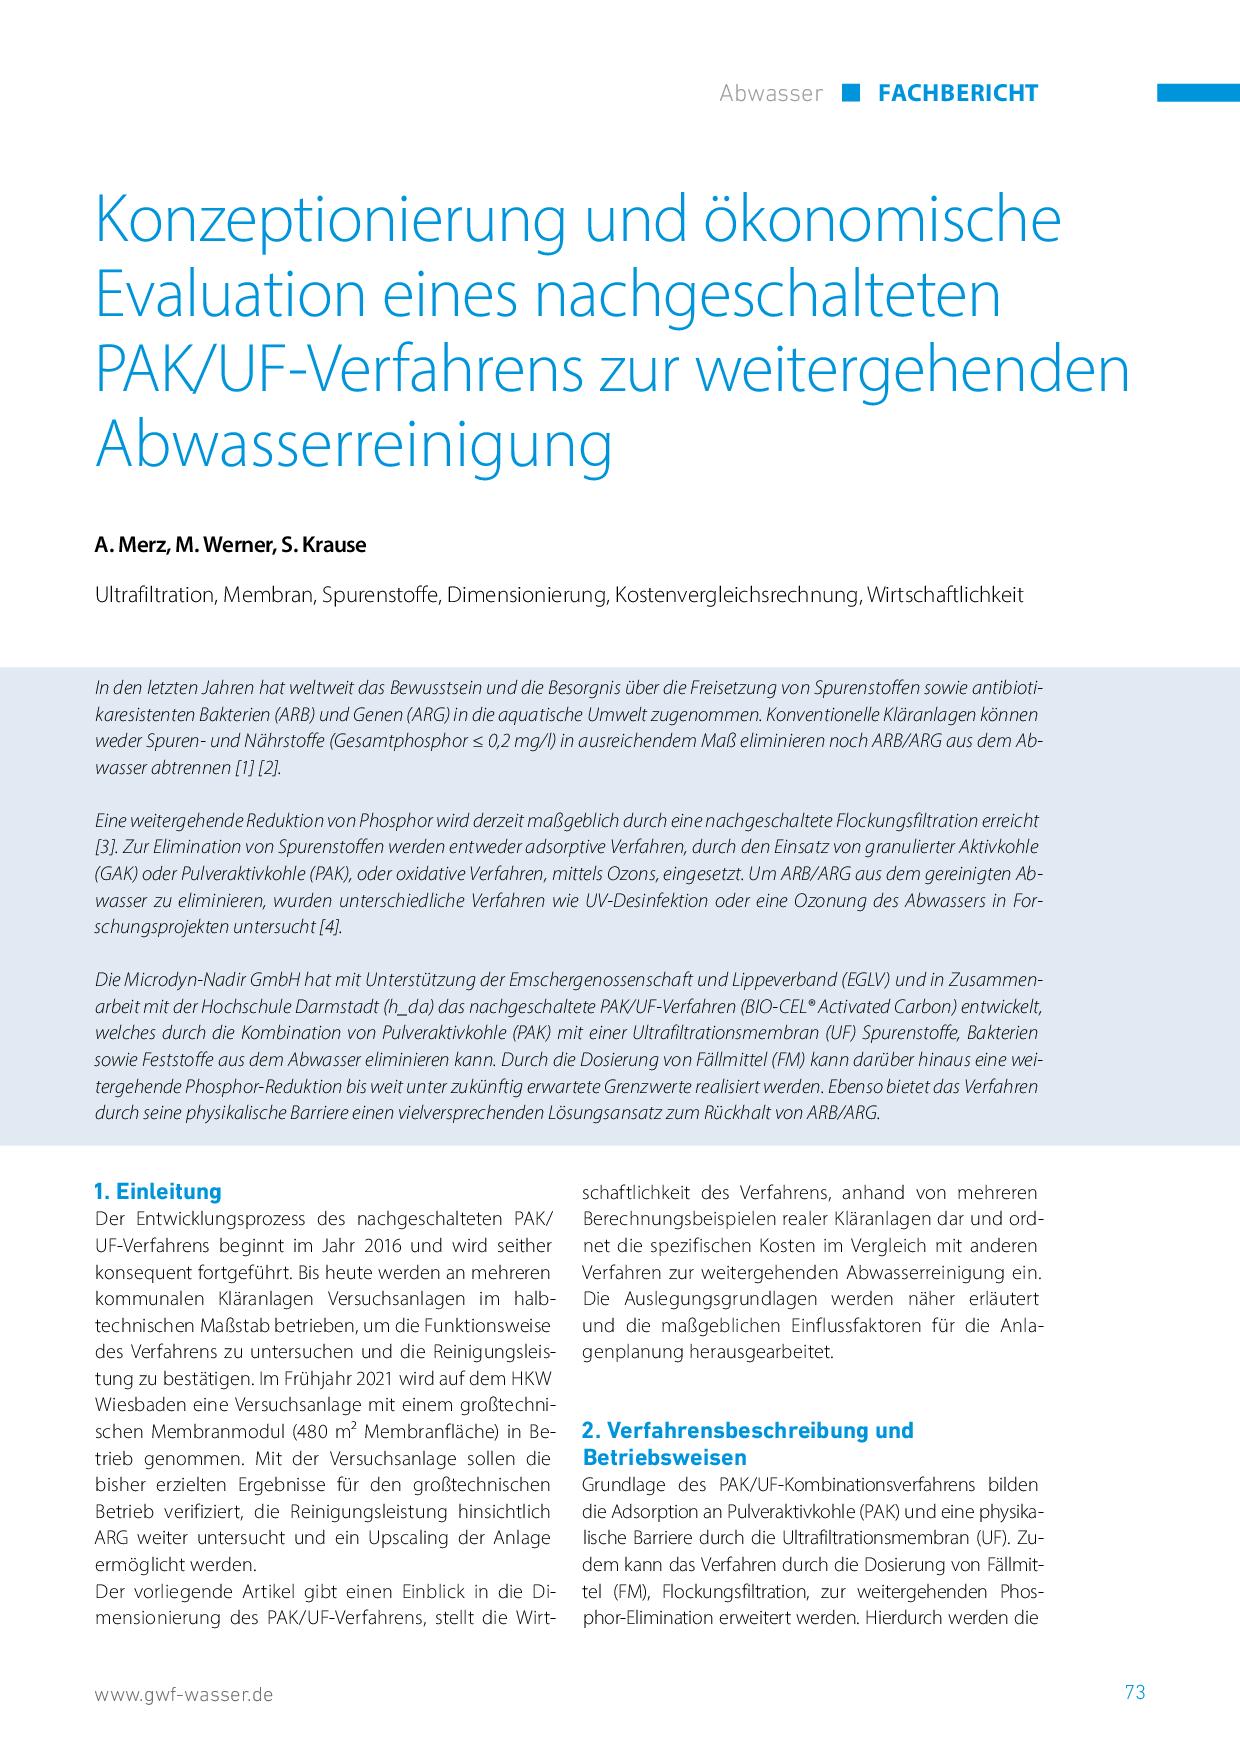 Konzeptionierung und ökonomische Evaluation eines nachgeschalteten PAK/UF-Verfahrens zur weitergehenden Abwasserreinigung